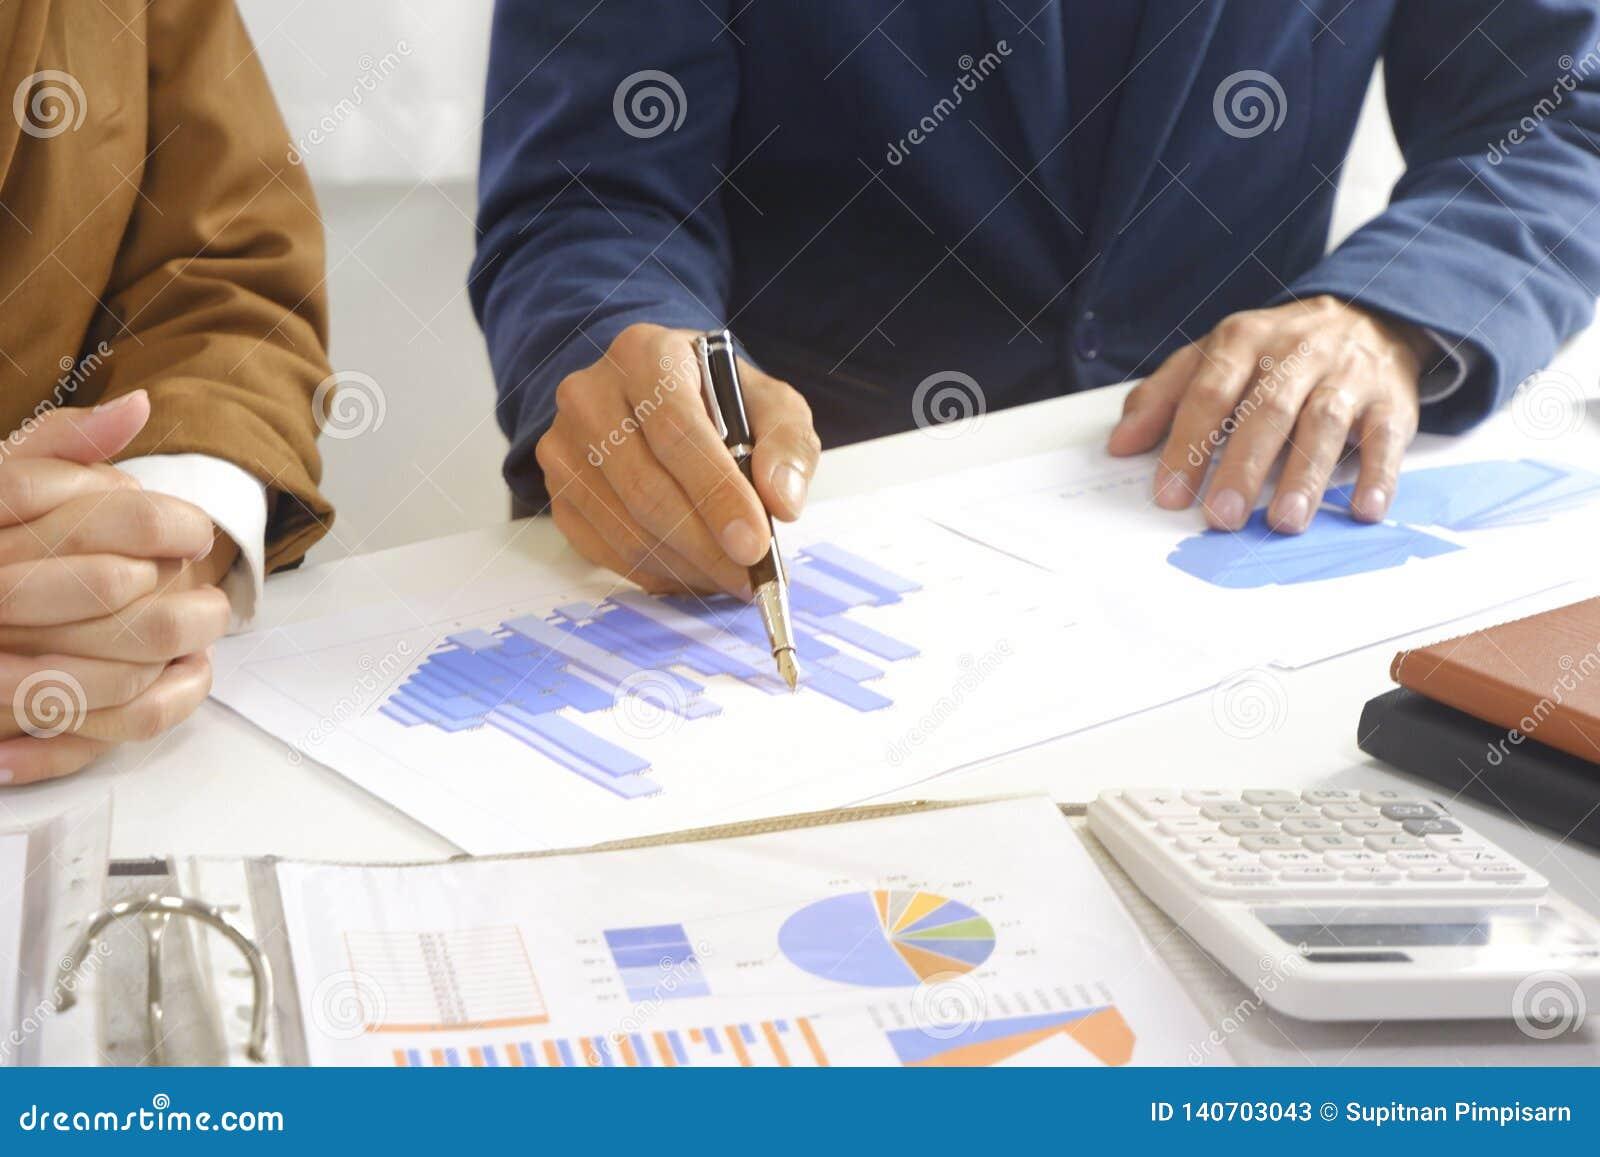 Ιδέα σχεδίου συνεδρίασης του Businesspeople, επαγγελματική εργασία επενδυτών στην αρχή για το νέο πρόγραμμα ξεκινήματος